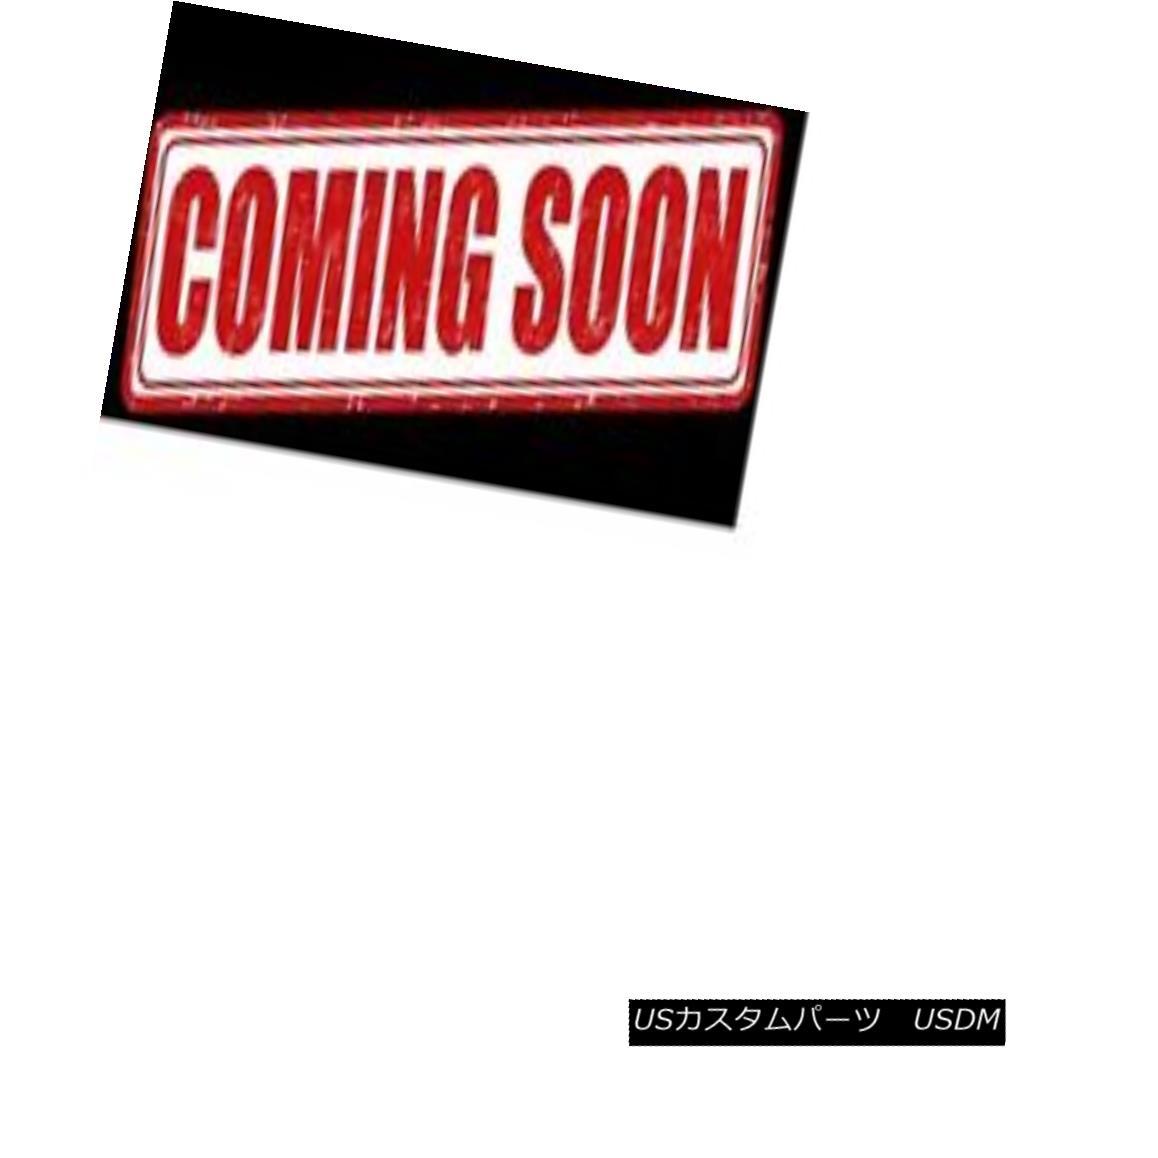 グリル ABS Overlay Grille for 16-18 Kia Sportage LX Chrome OEM Look - 1PC Top only Use 16-18キアSportage LXクロムOEMルックのABSオーバーレイグリル - 1PCトップのみ使用